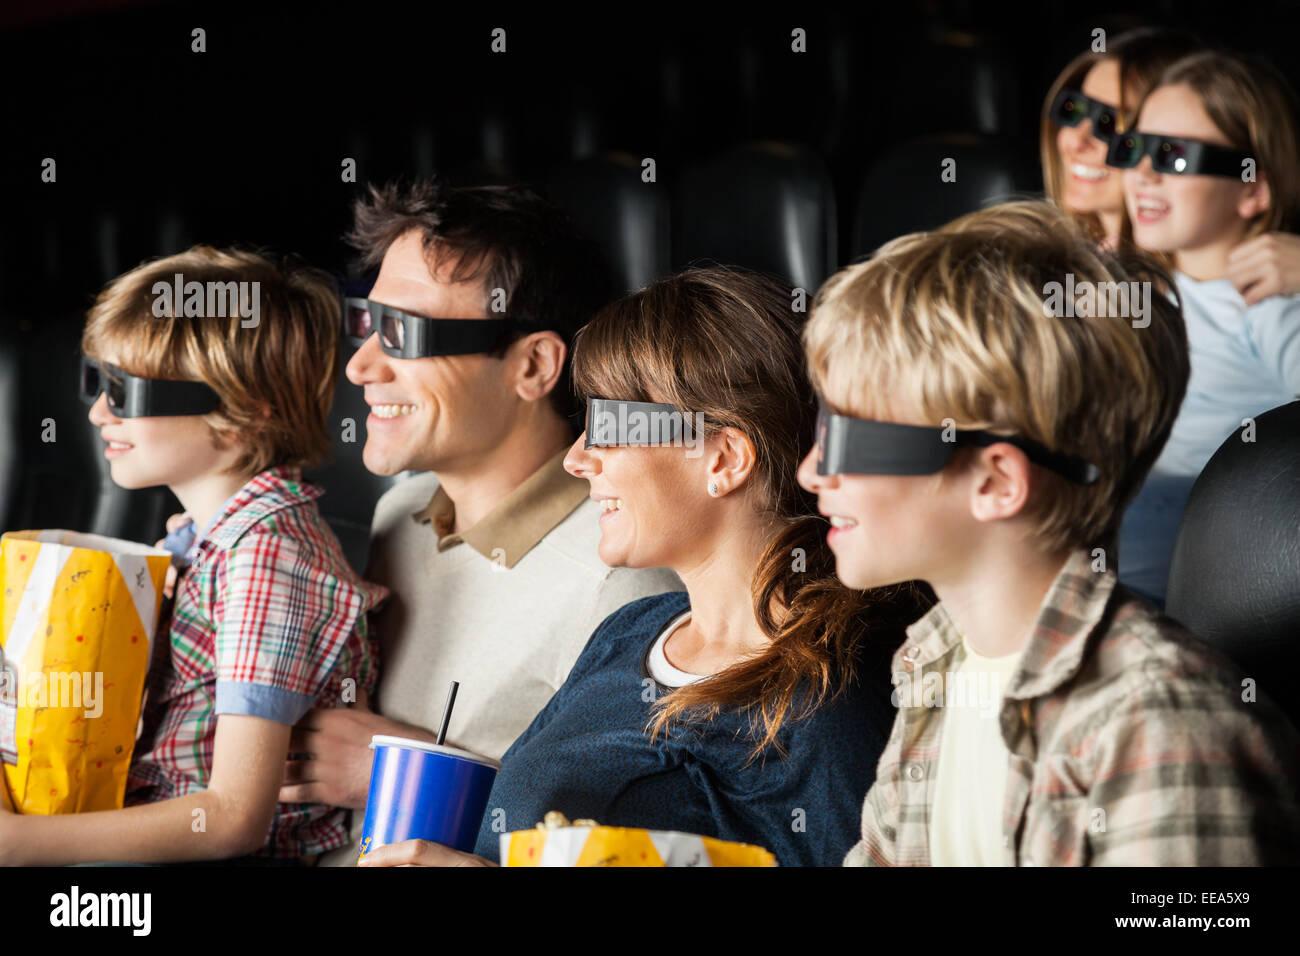 Las familias felices viendo películas en 3D en el teatro Imagen De Stock